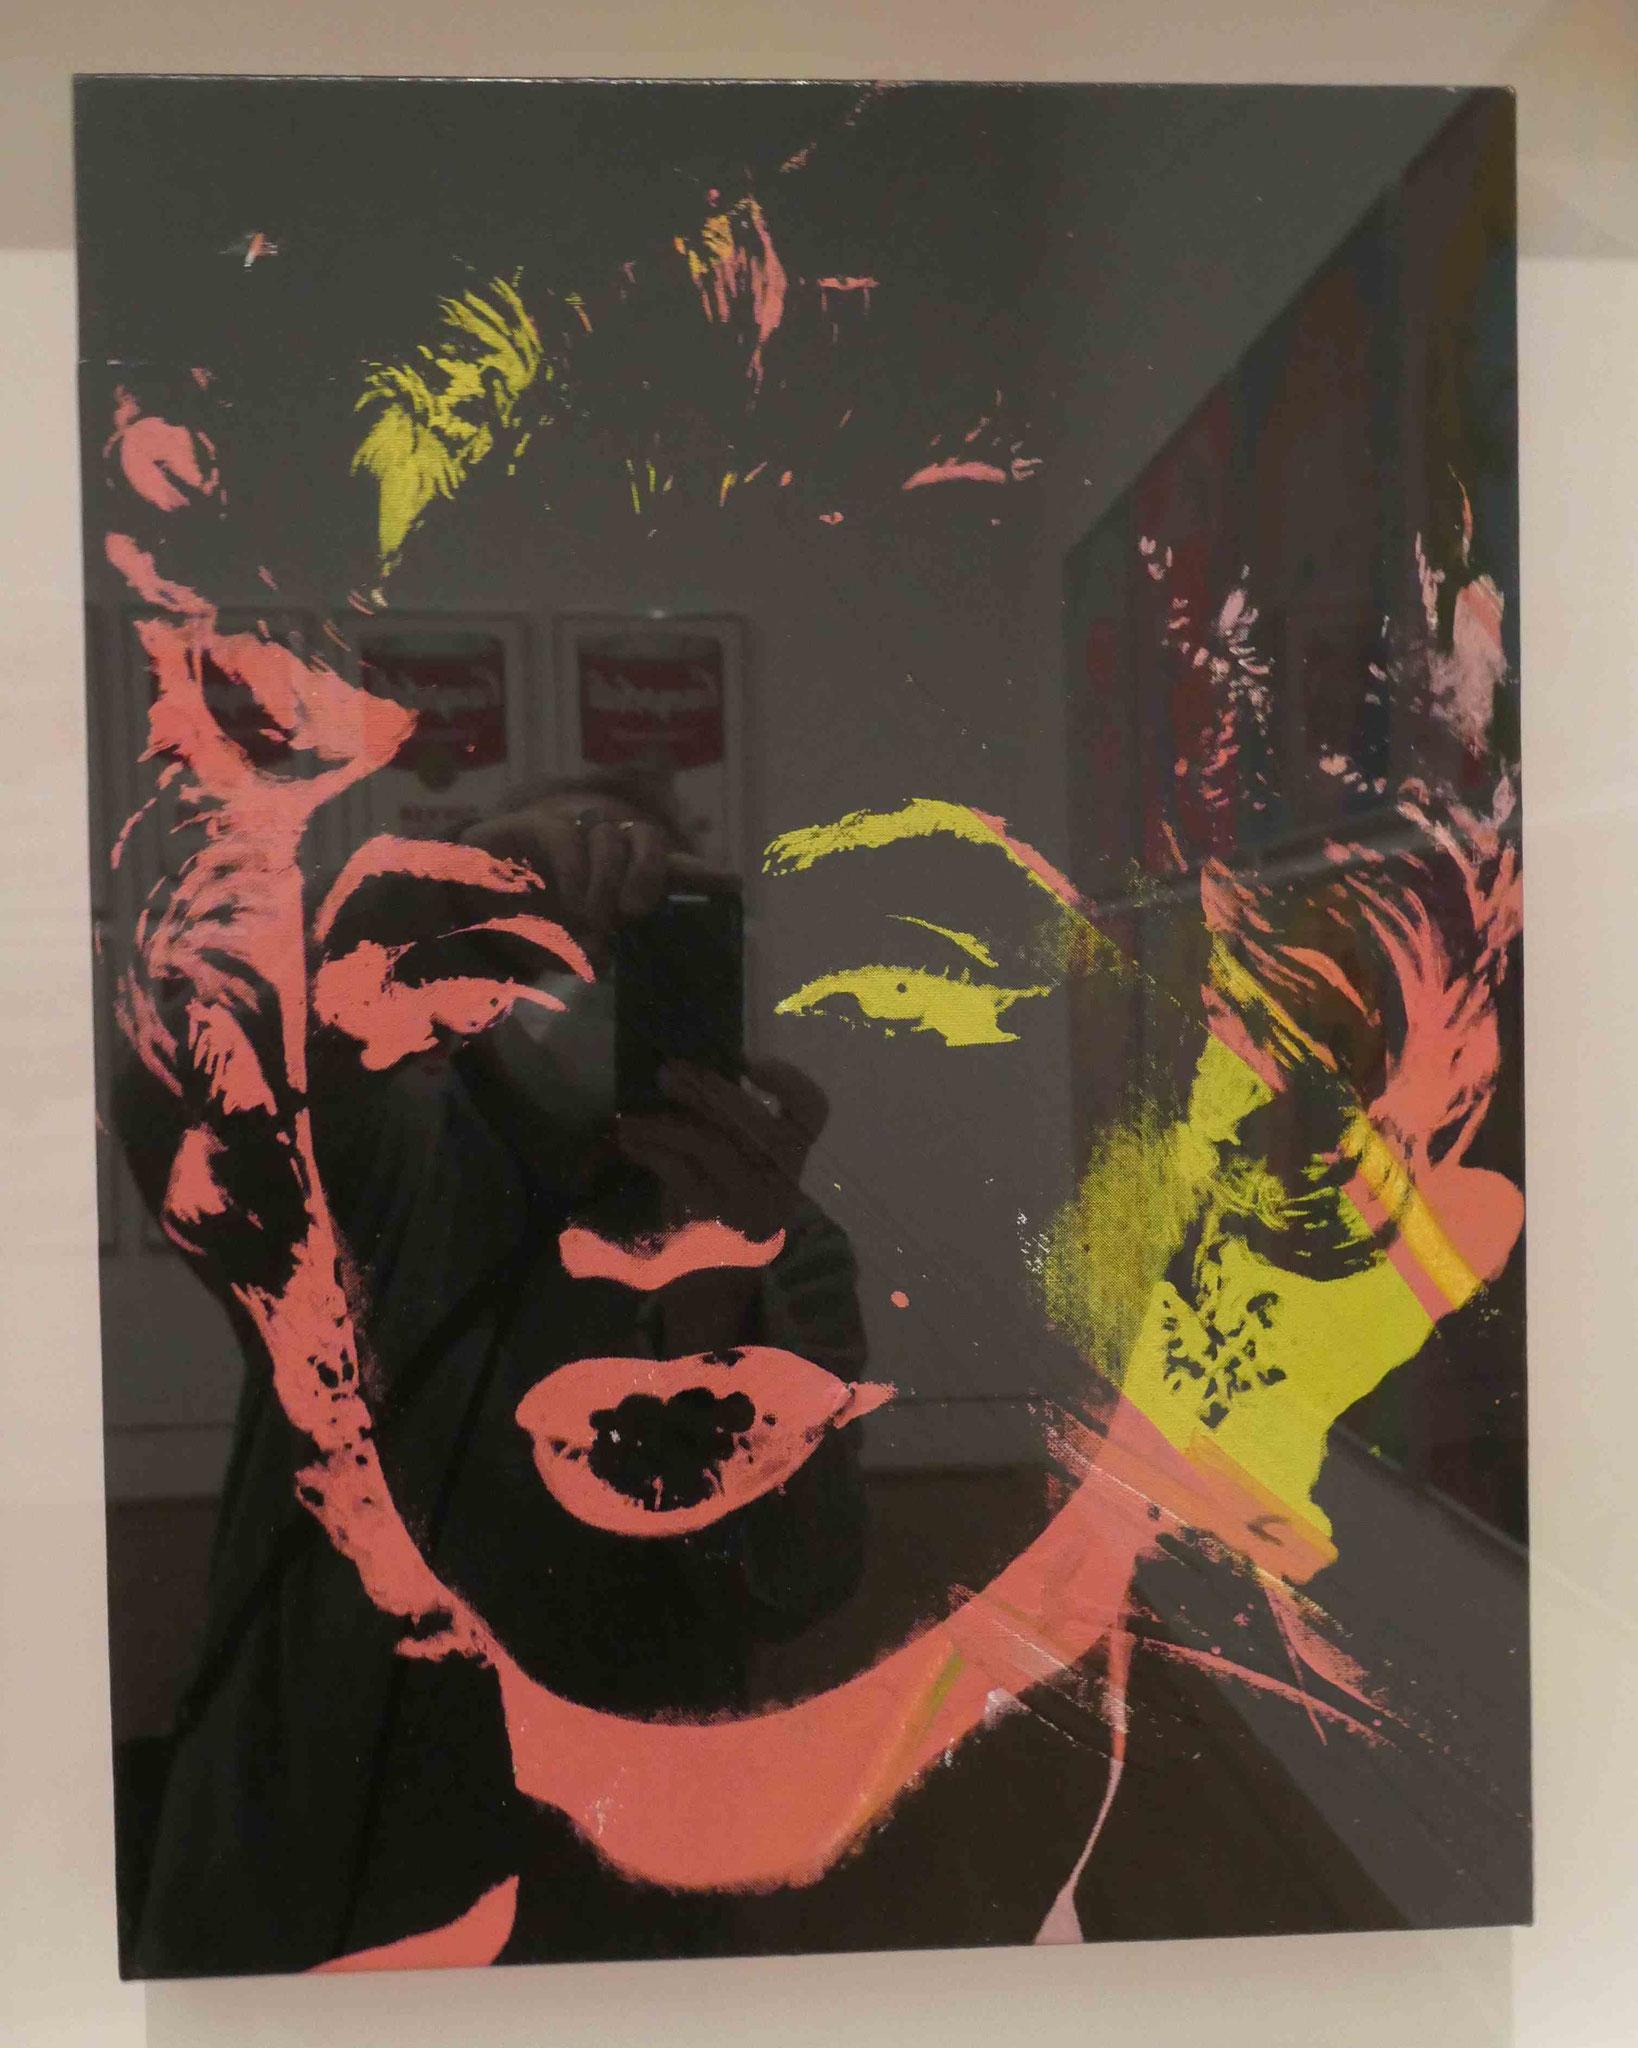 Andy Warhol, Multicolored Marilyn, Siebdruck und Acryl auf Leinwand, 1979 -1986, Nationalgalerie Berlin